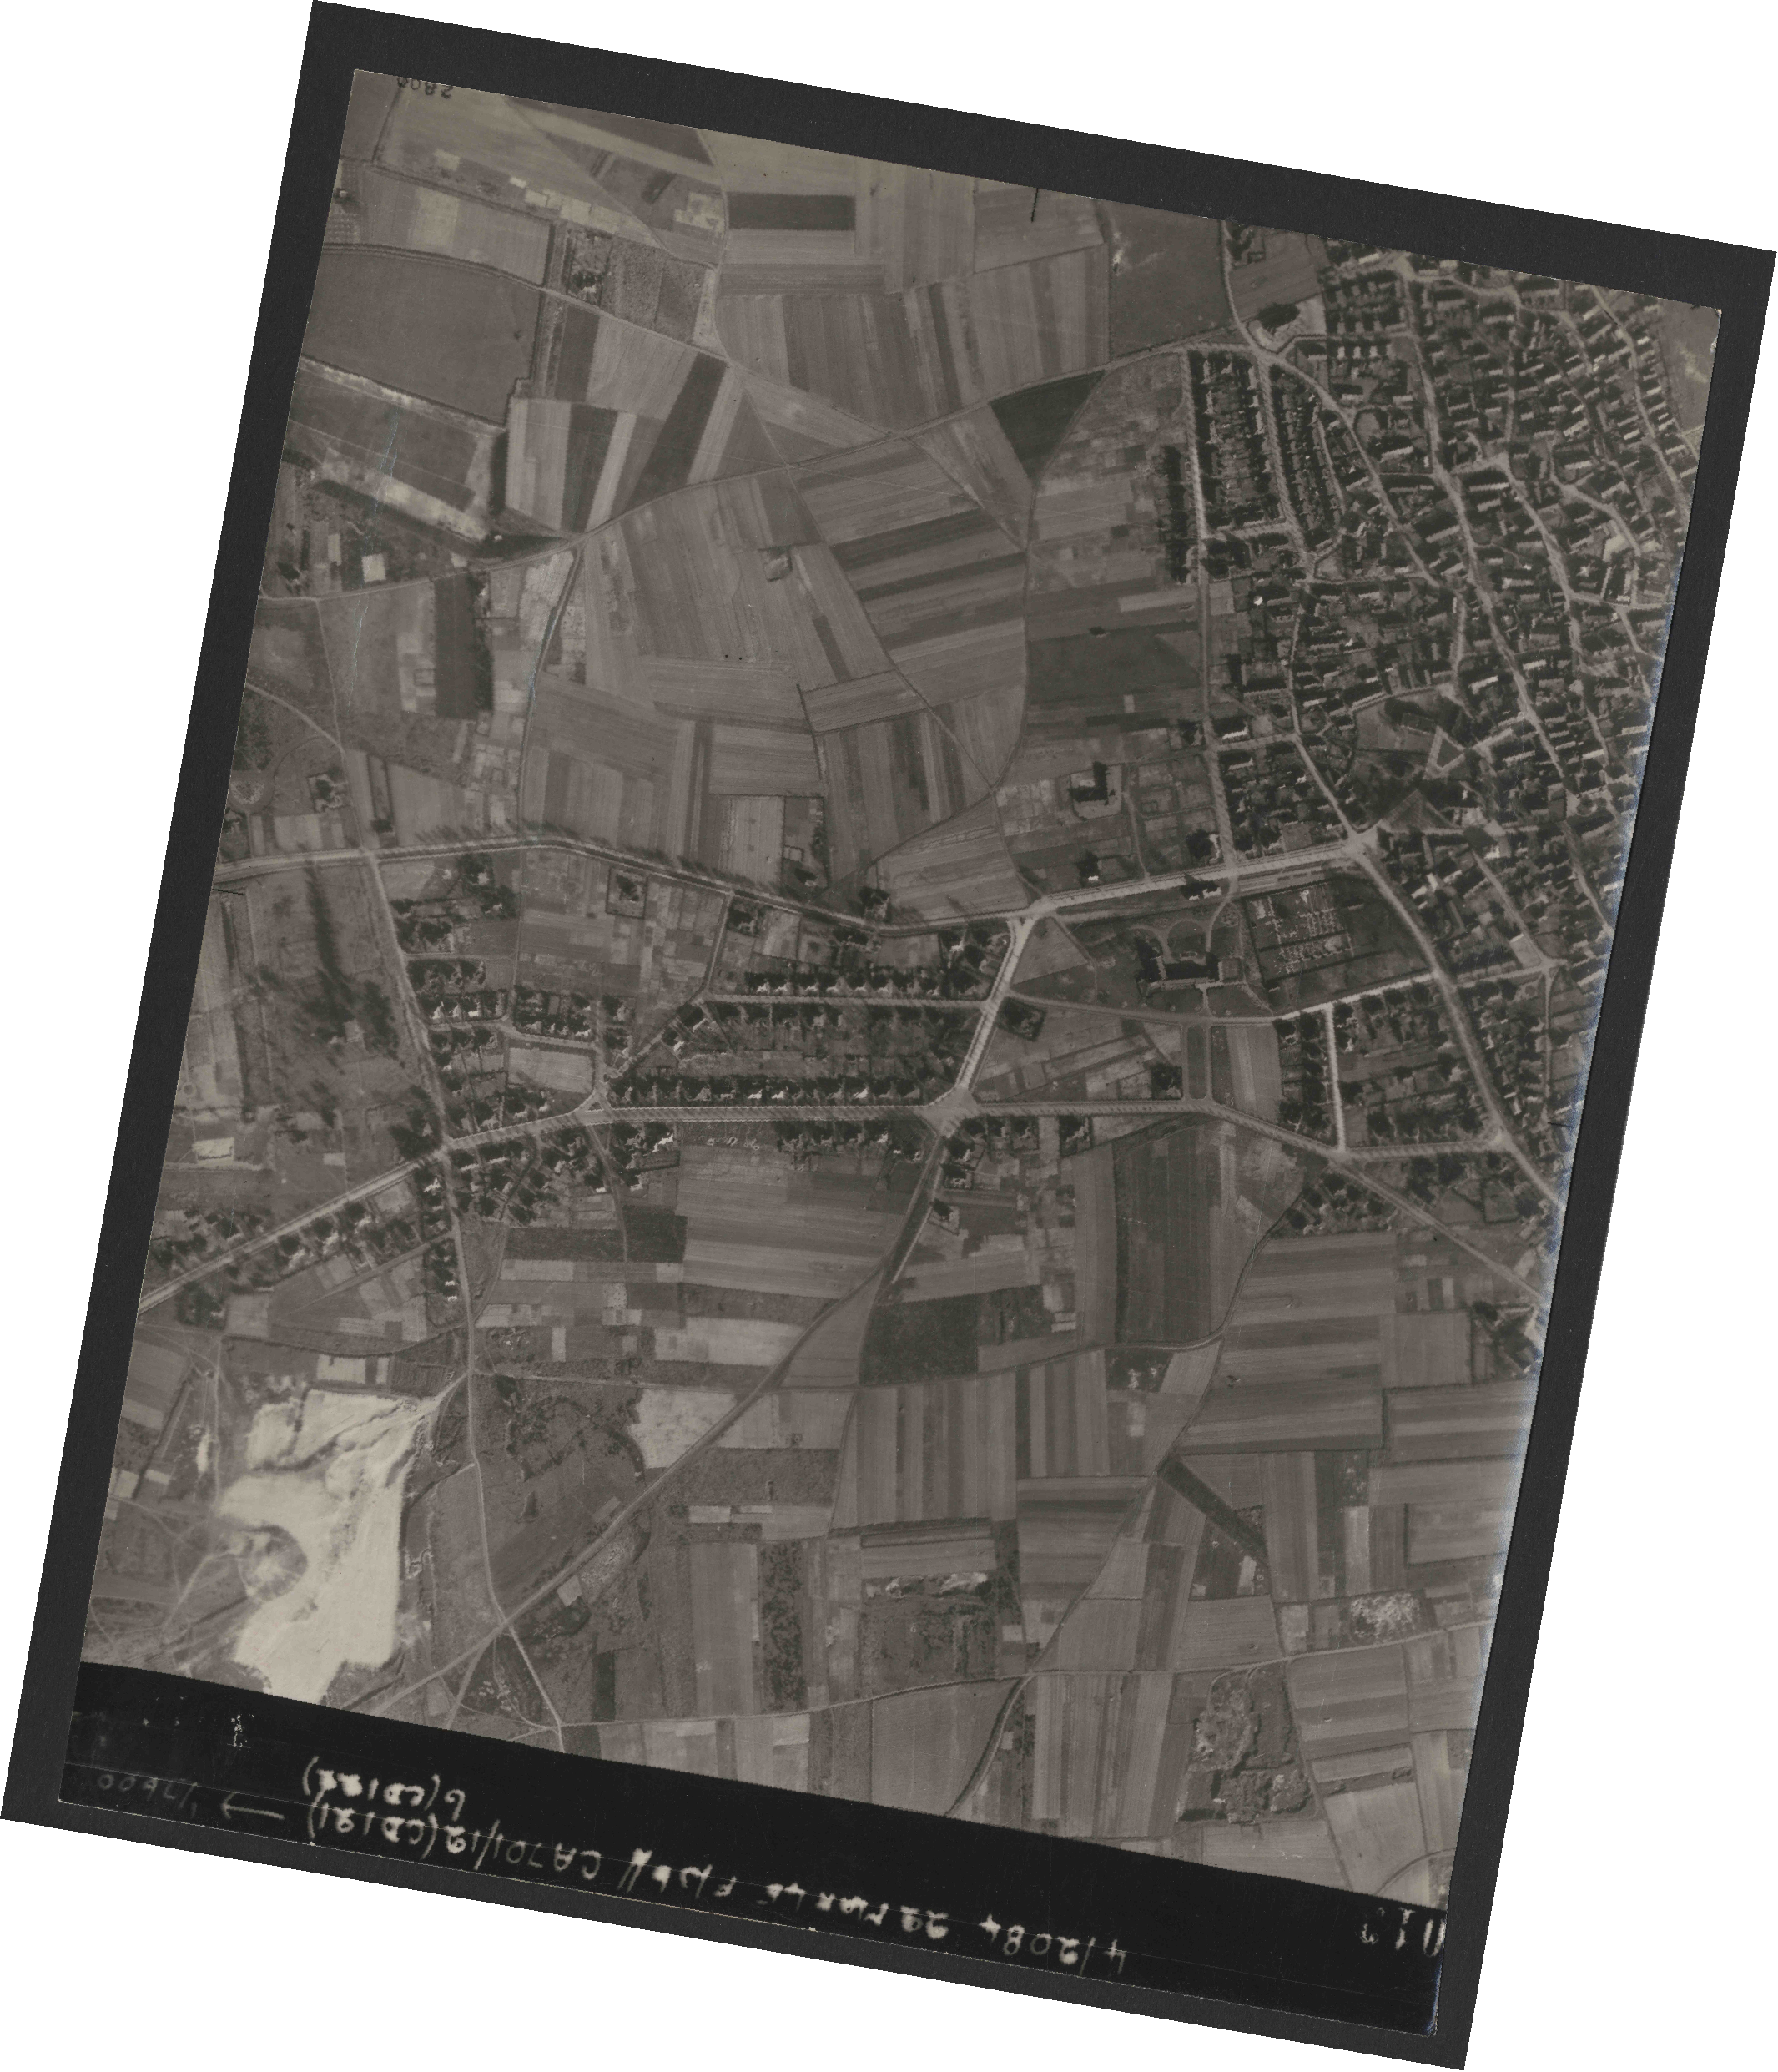 Collection RAF aerial photos 1940-1945 - flight 163, run 04, photo 3013